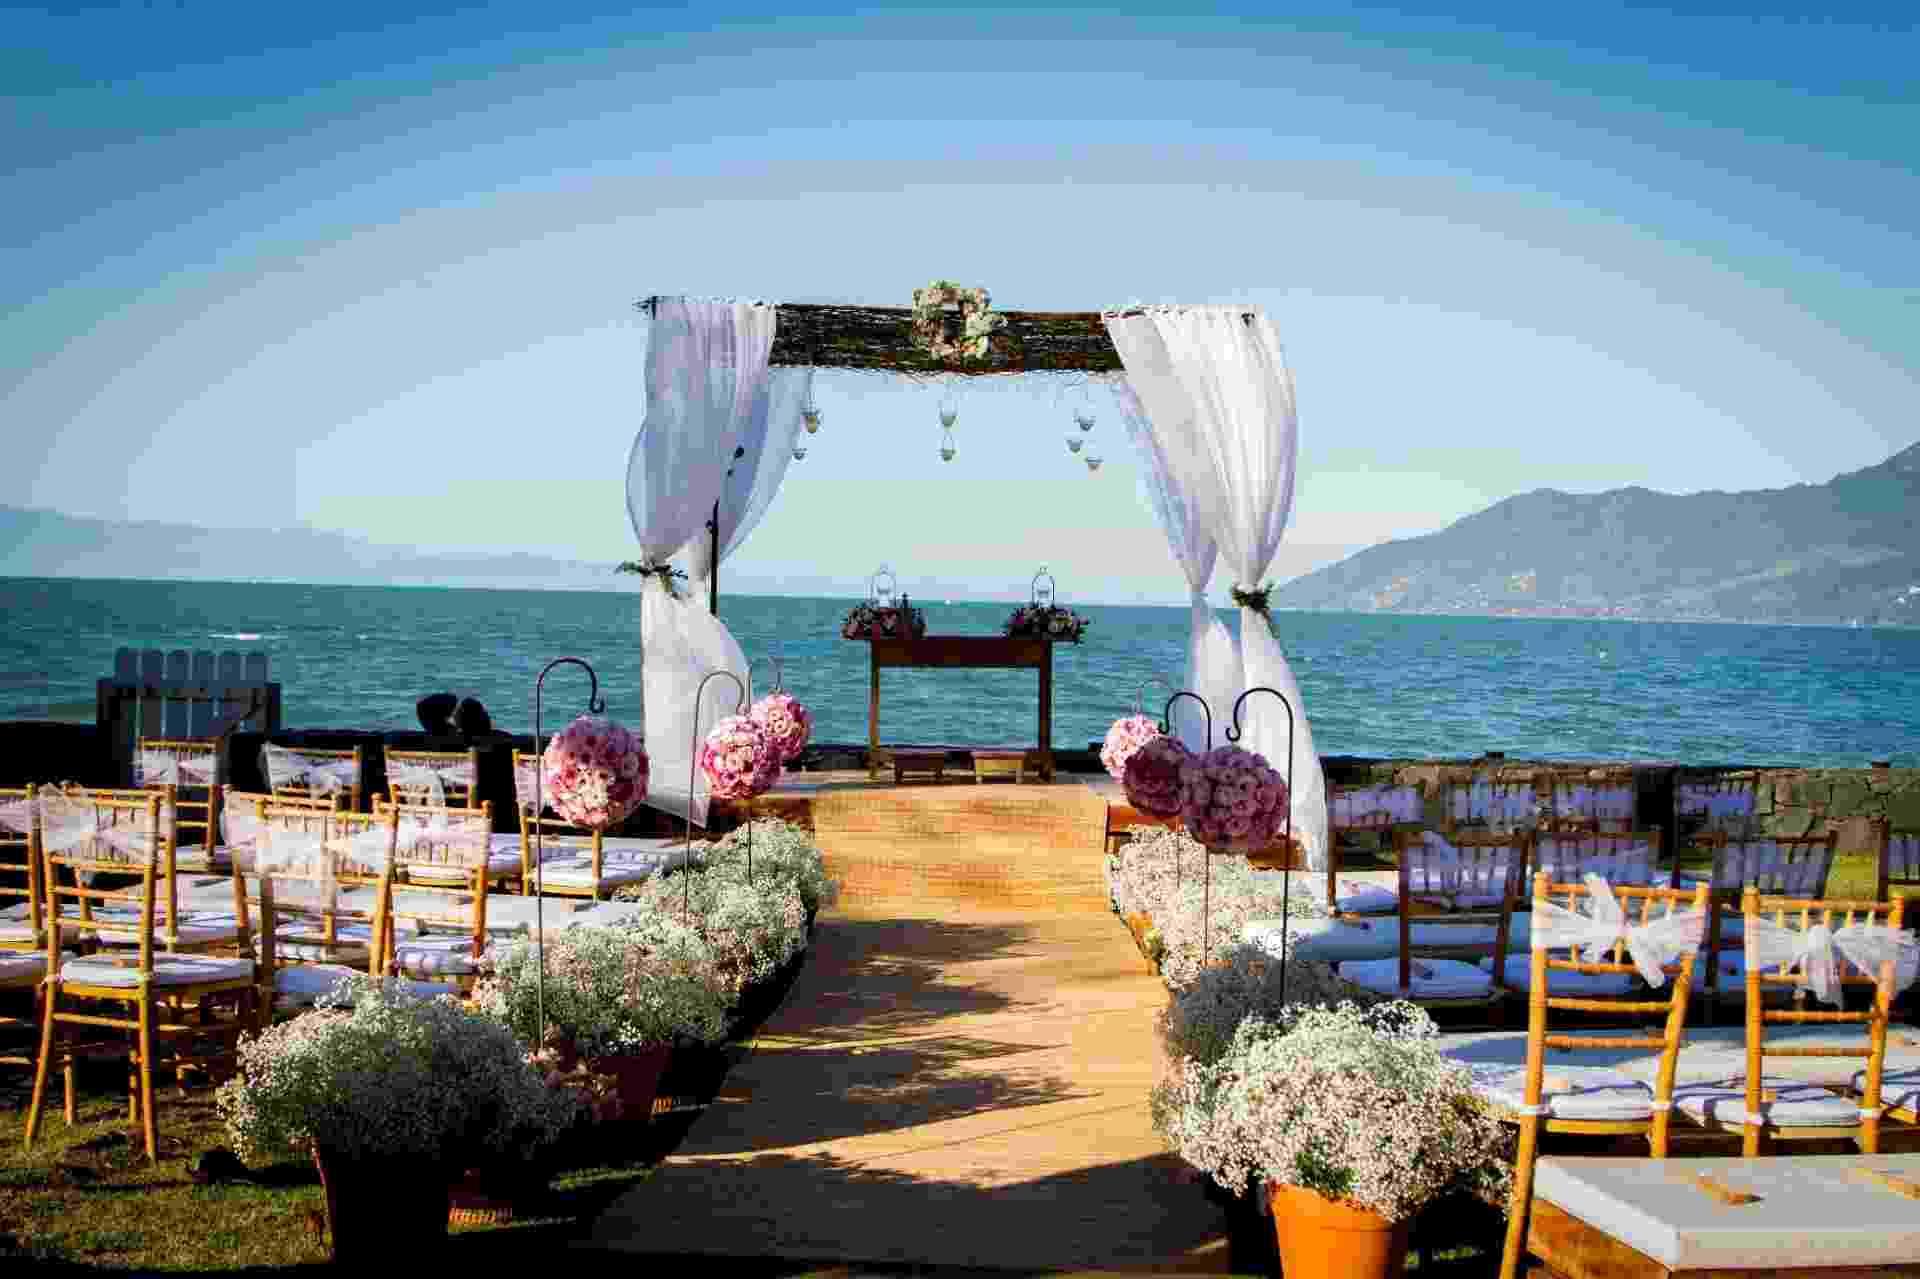 de decoração para um casamento na praia  09012015  UOL Estilo de